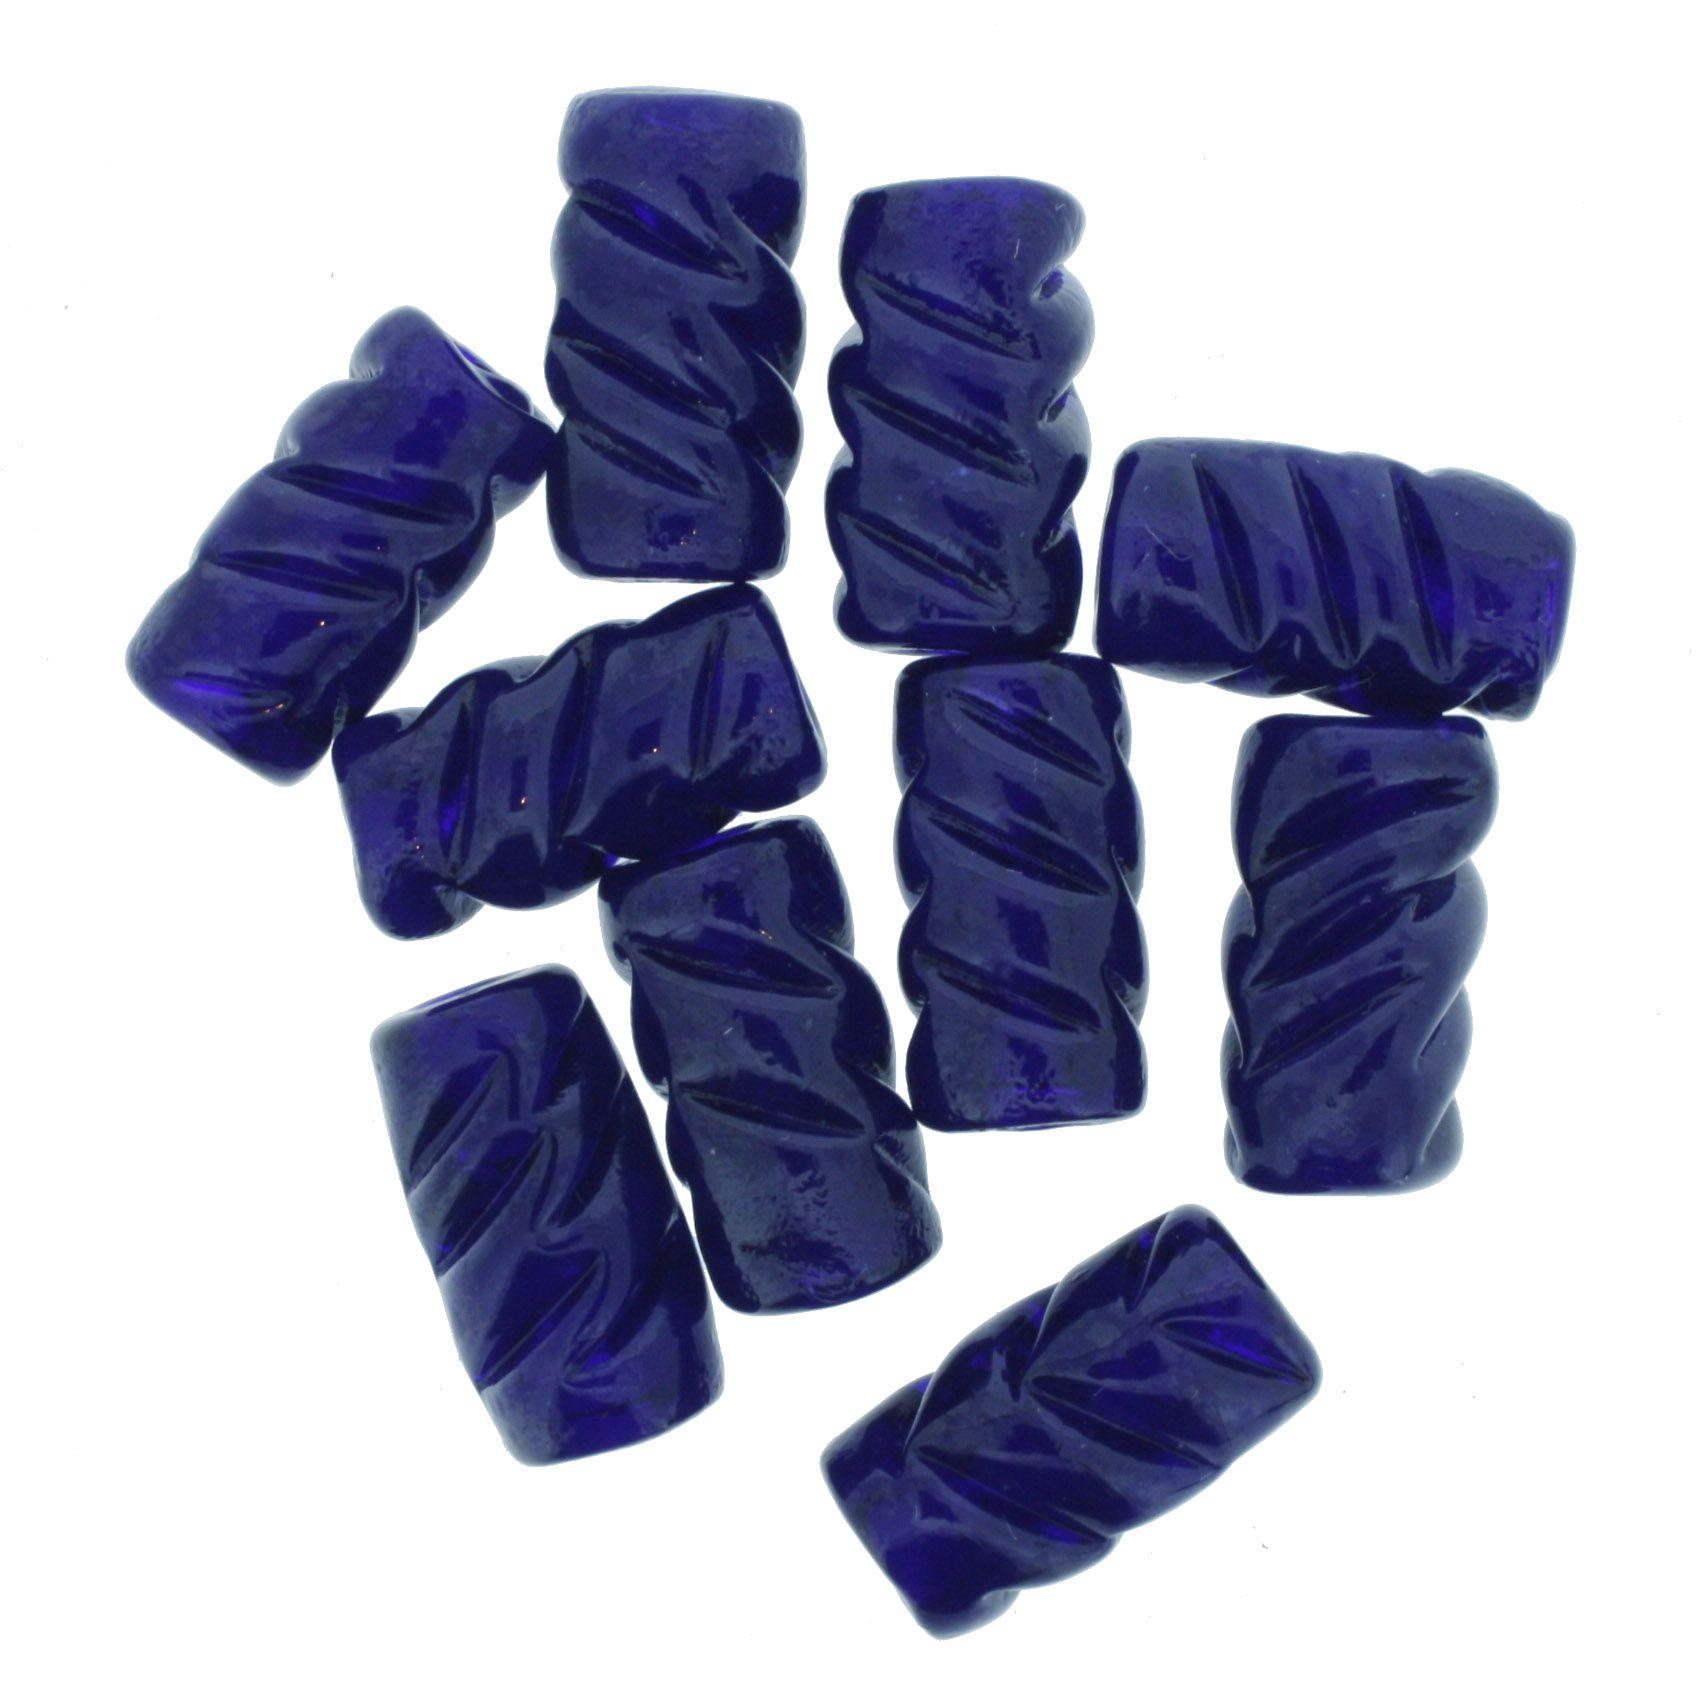 Firma Frisada - Azul Escuro  - Stéphanie Bijoux® - Peças para Bijuterias e Artesanato